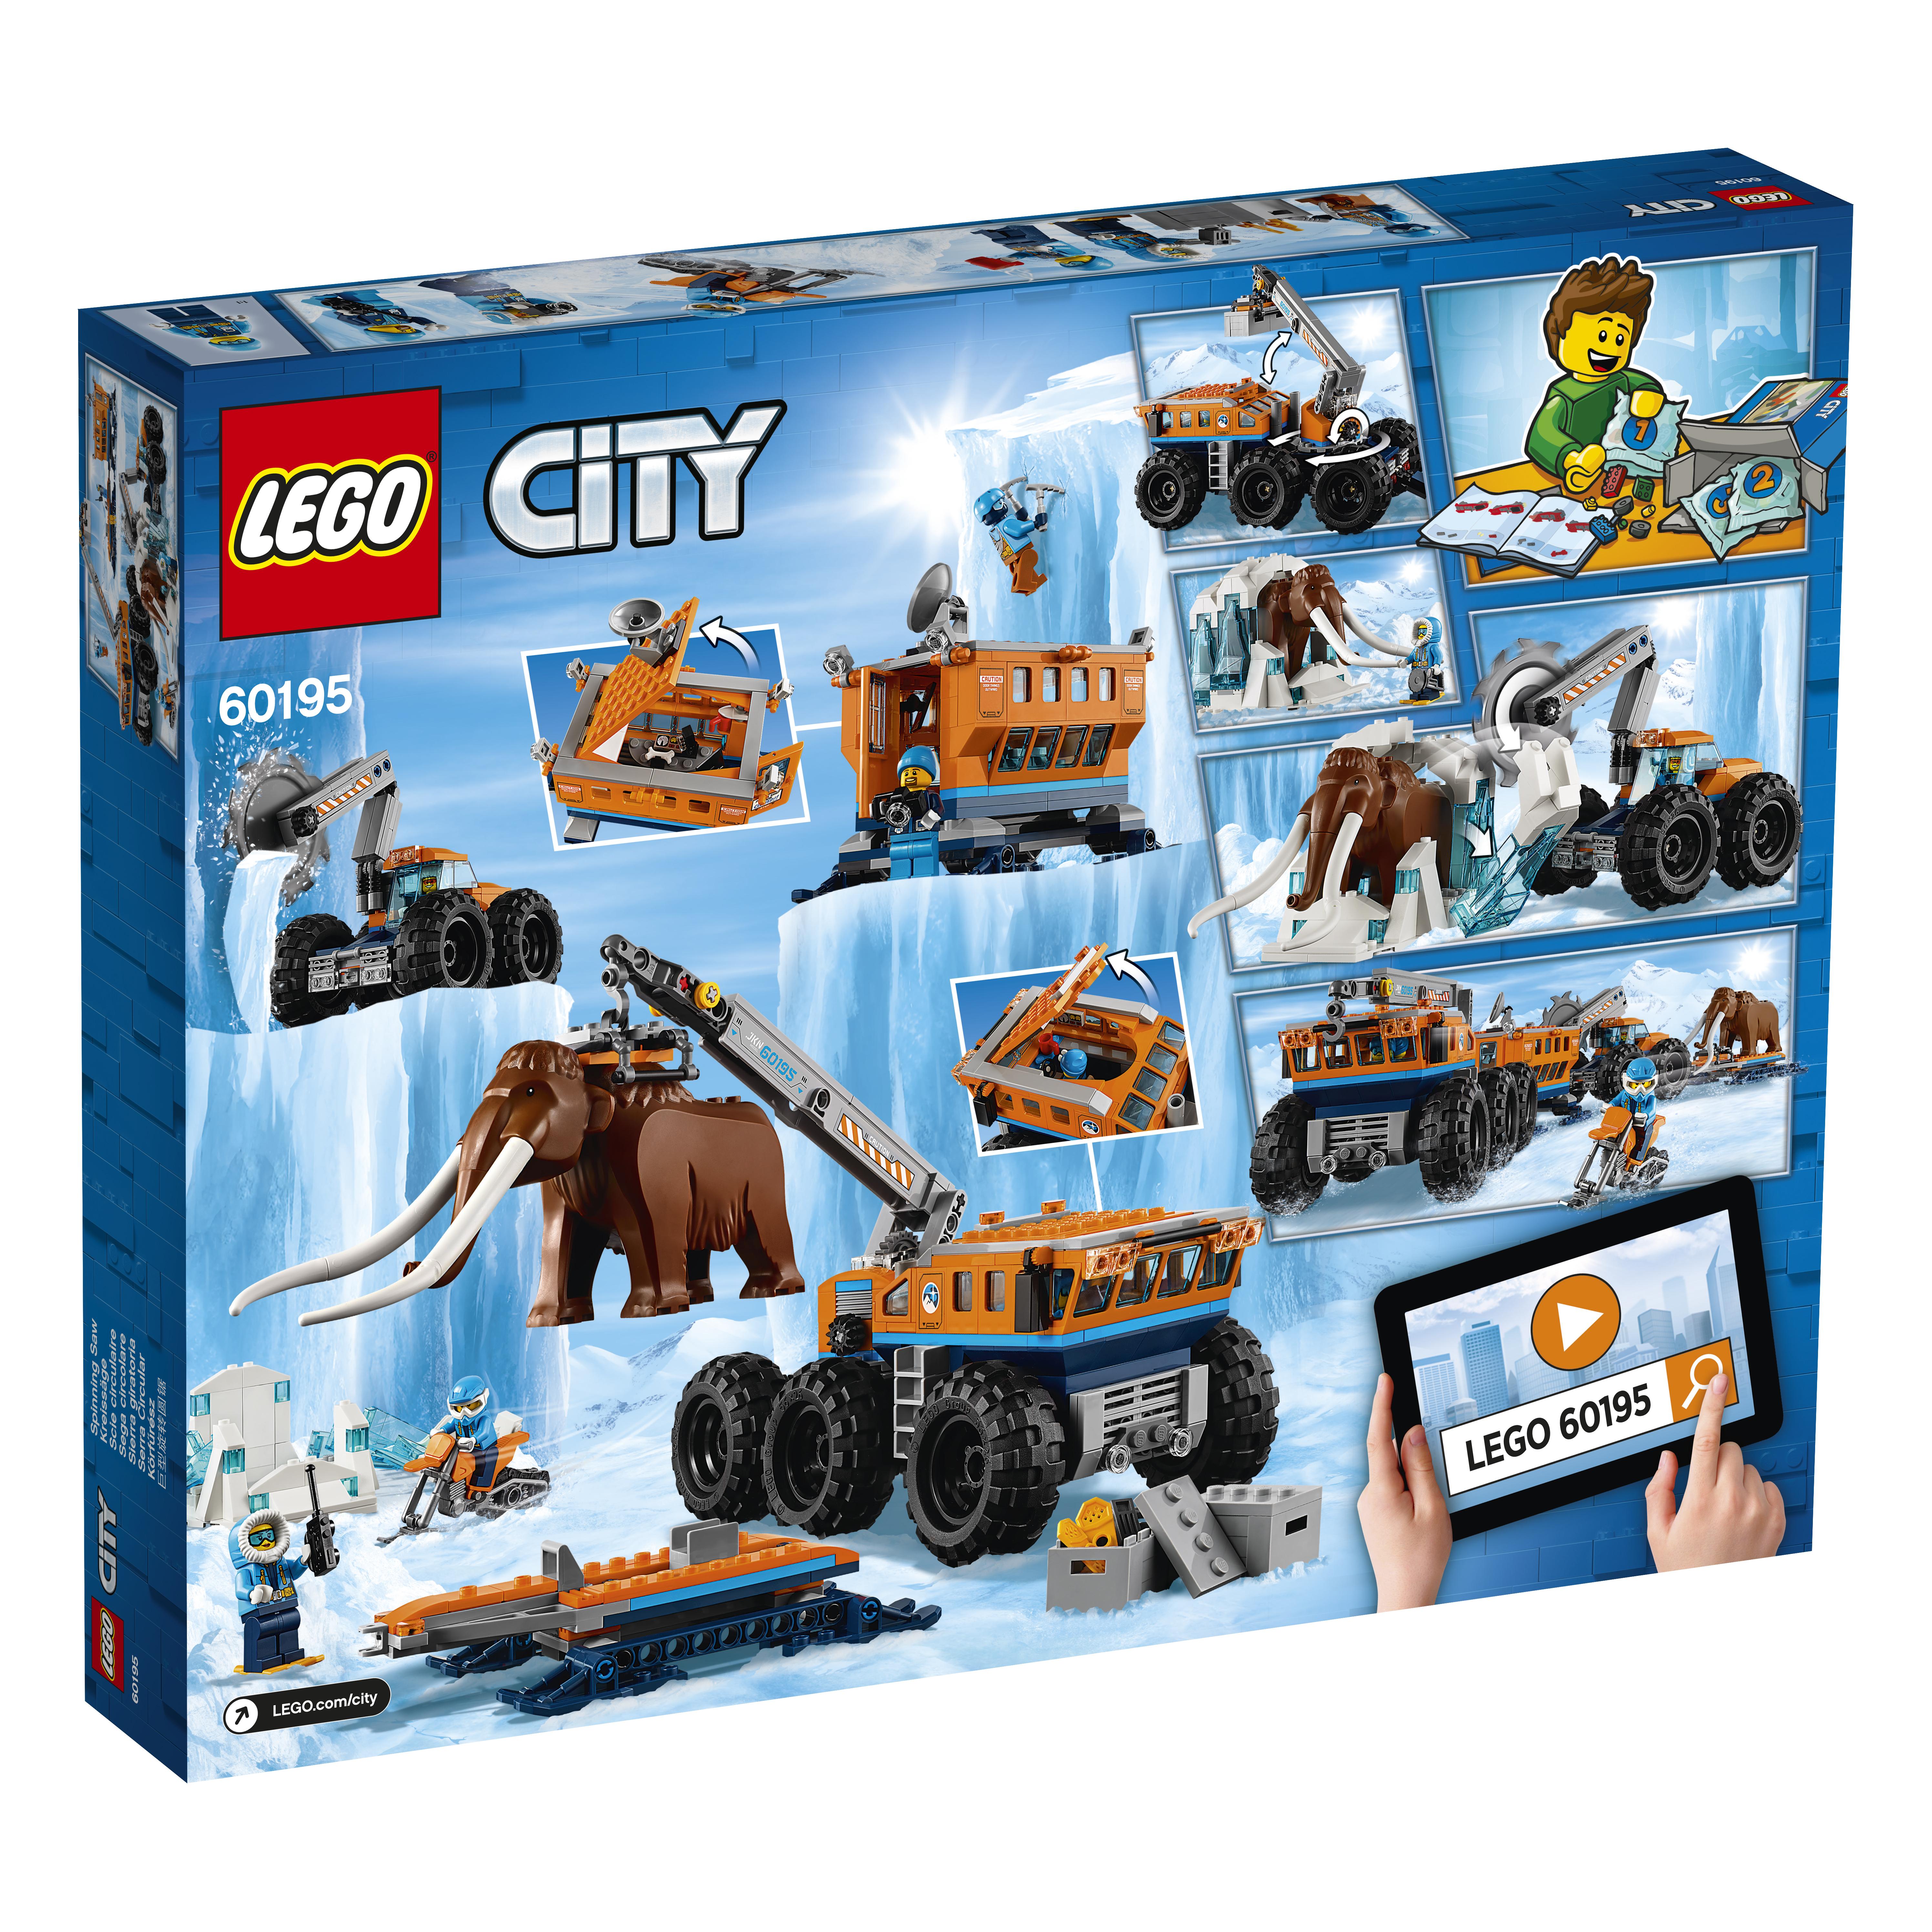 LEGO LEGO Передвижная арктическая база lego конструктор lego city arctic expedition 60195 передвижная арктическая база